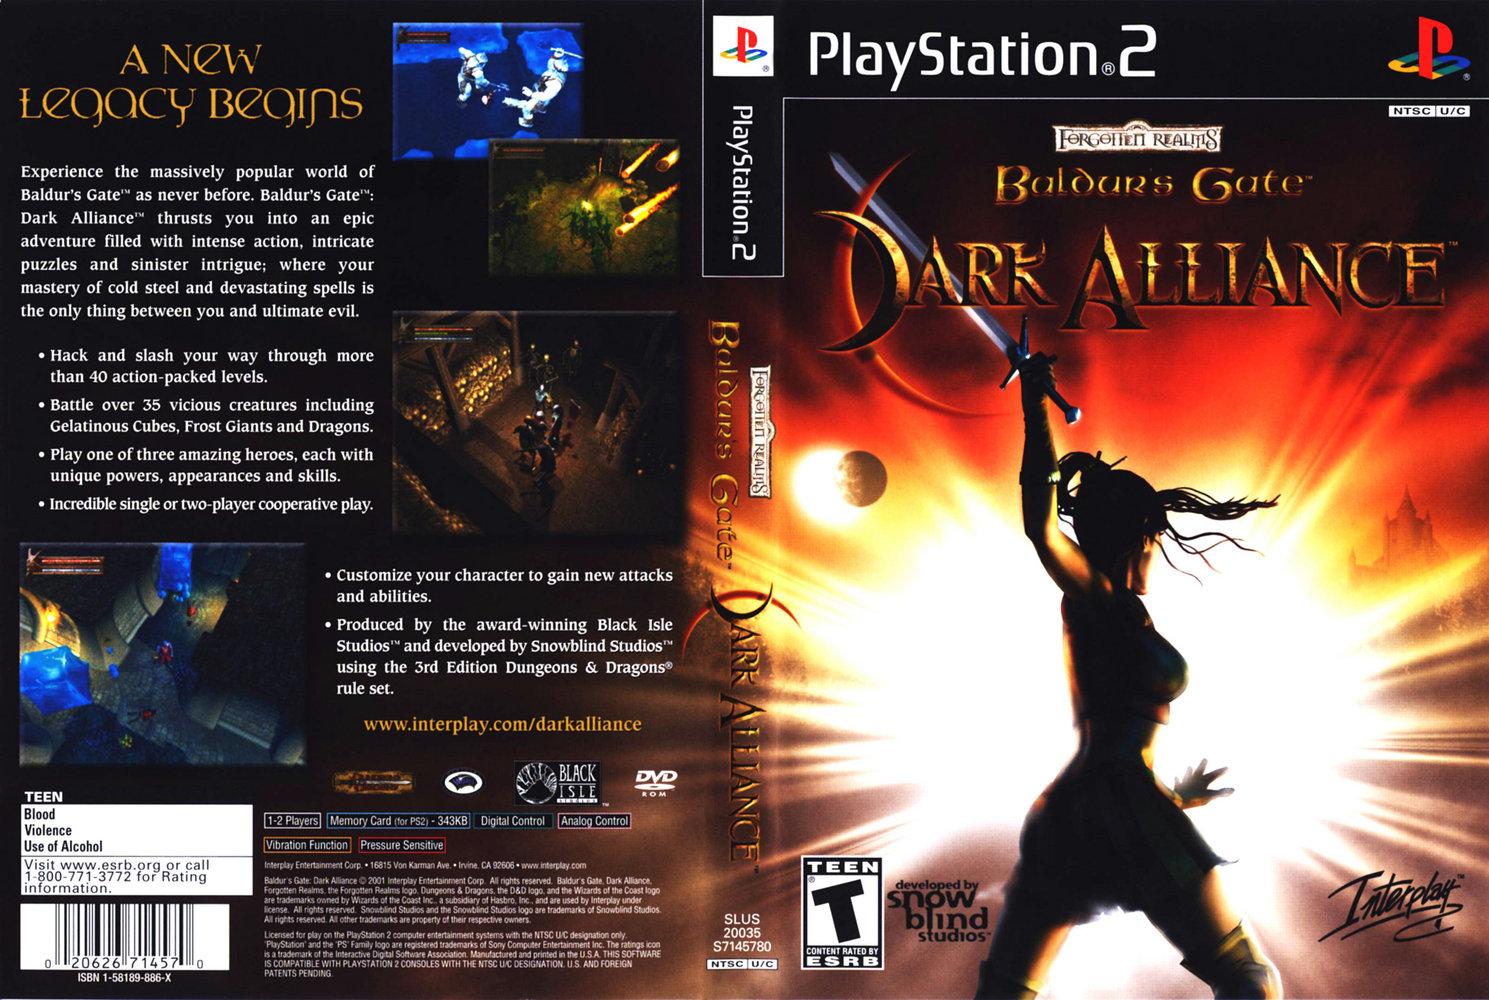 [Review] Mejores Juegos PS2 por categorías